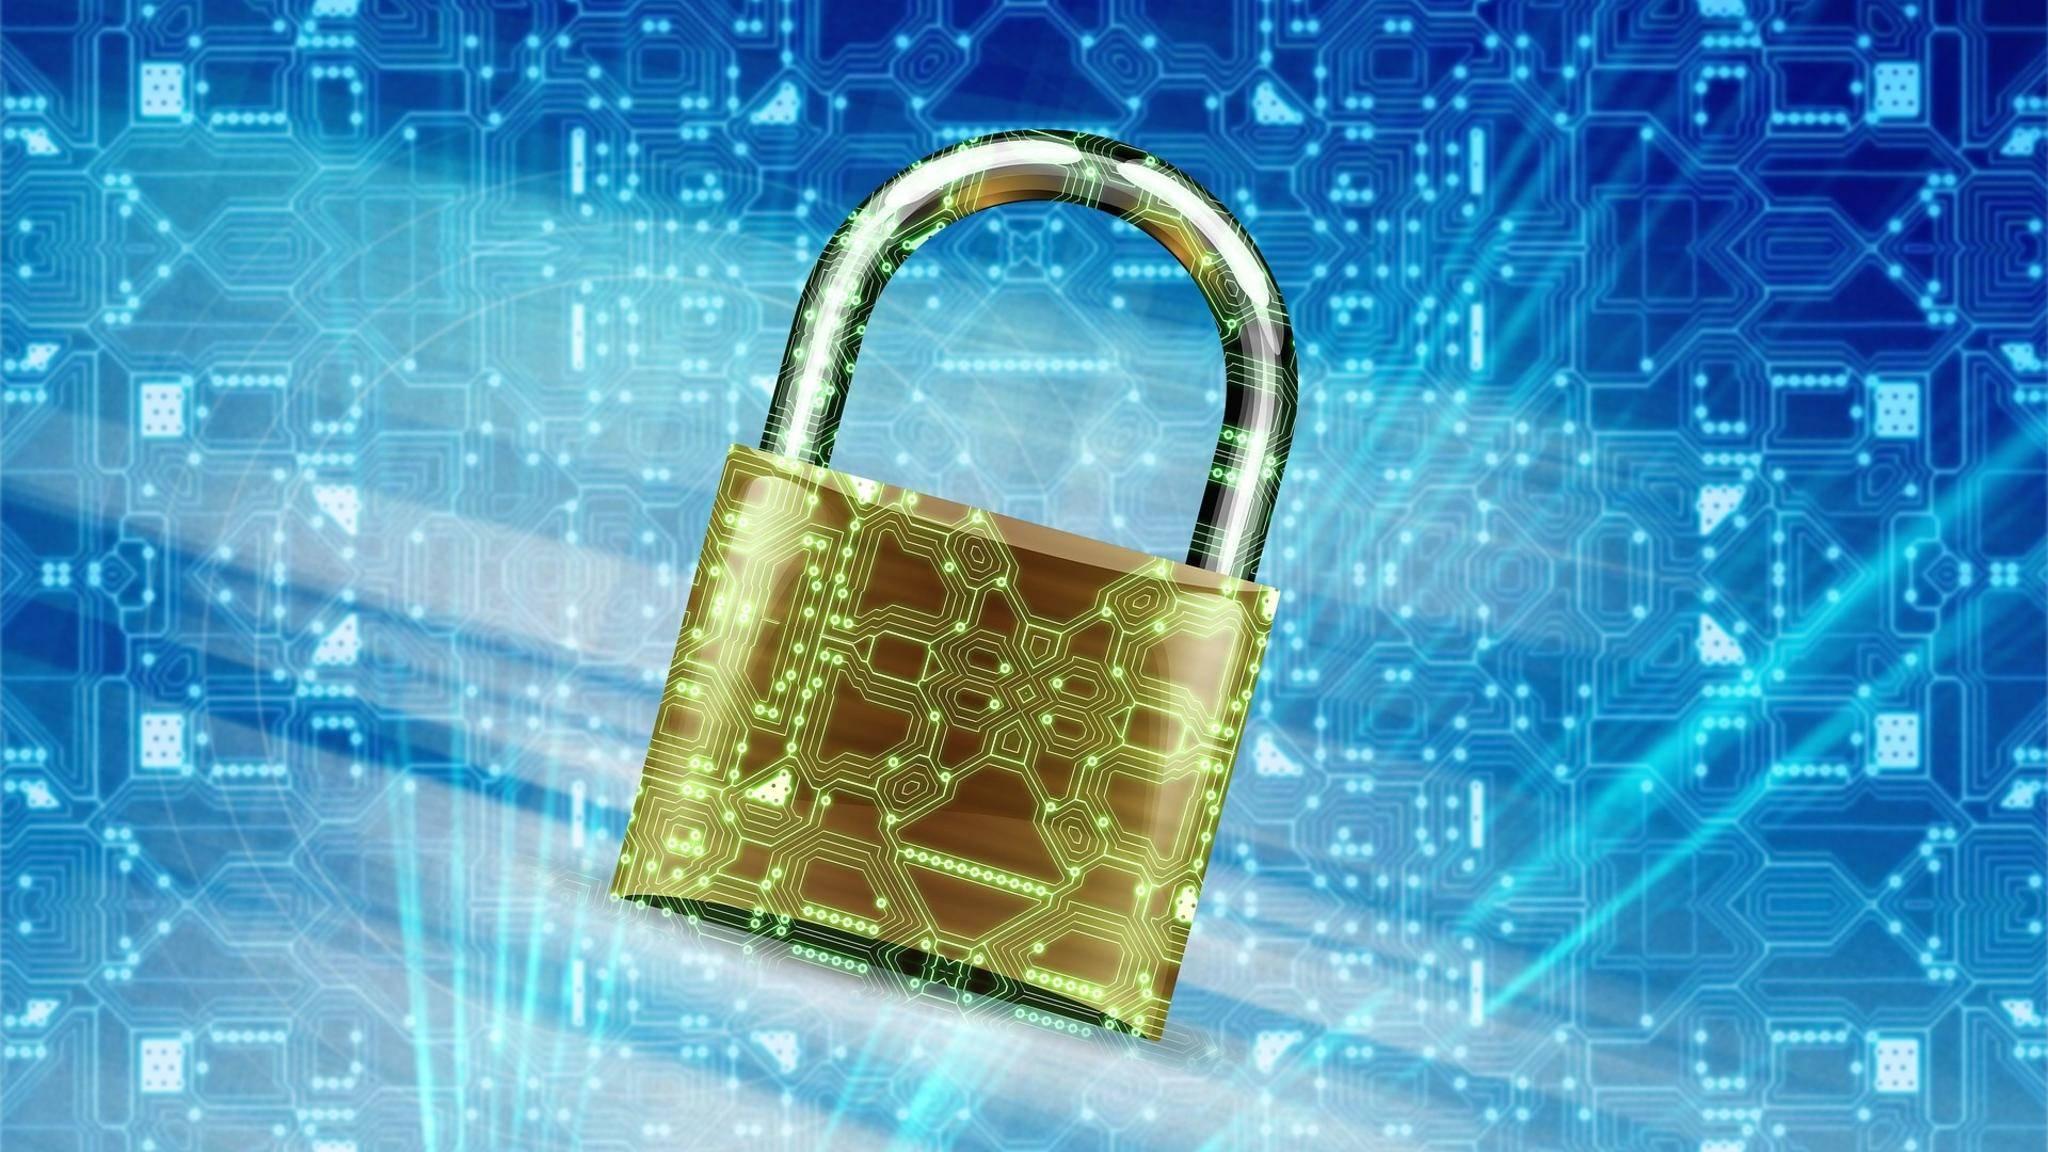 Meist genügt die Beachtung der herkömmlichen Sicherheitsmaßnahmen für PCs.